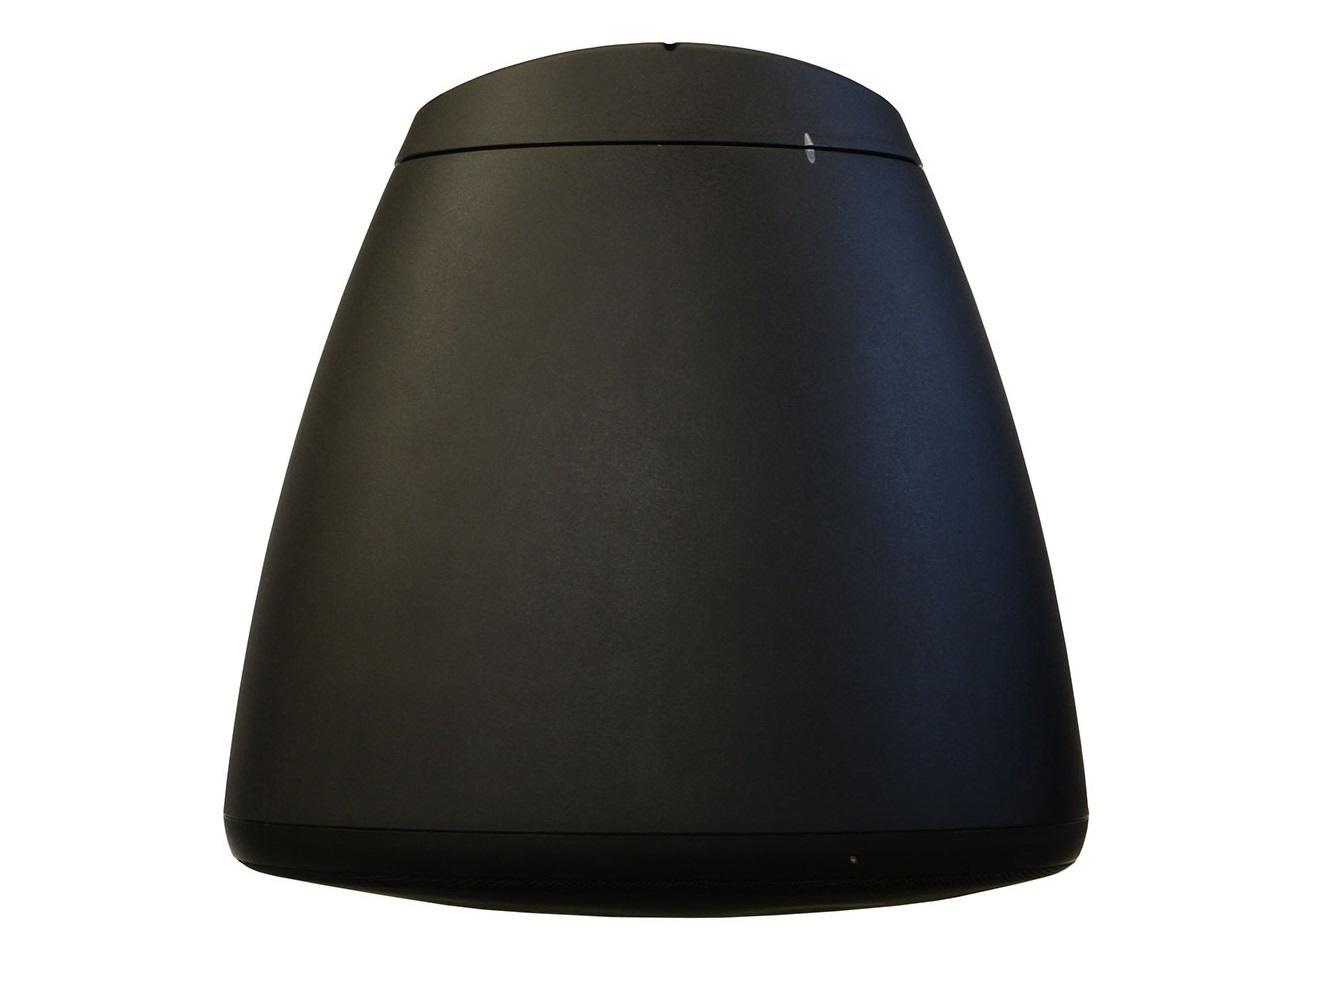 Soundtube IPD-RS82-EZ BK 8 inch Coax Open-Ceiling Netwrok Speaker/Black